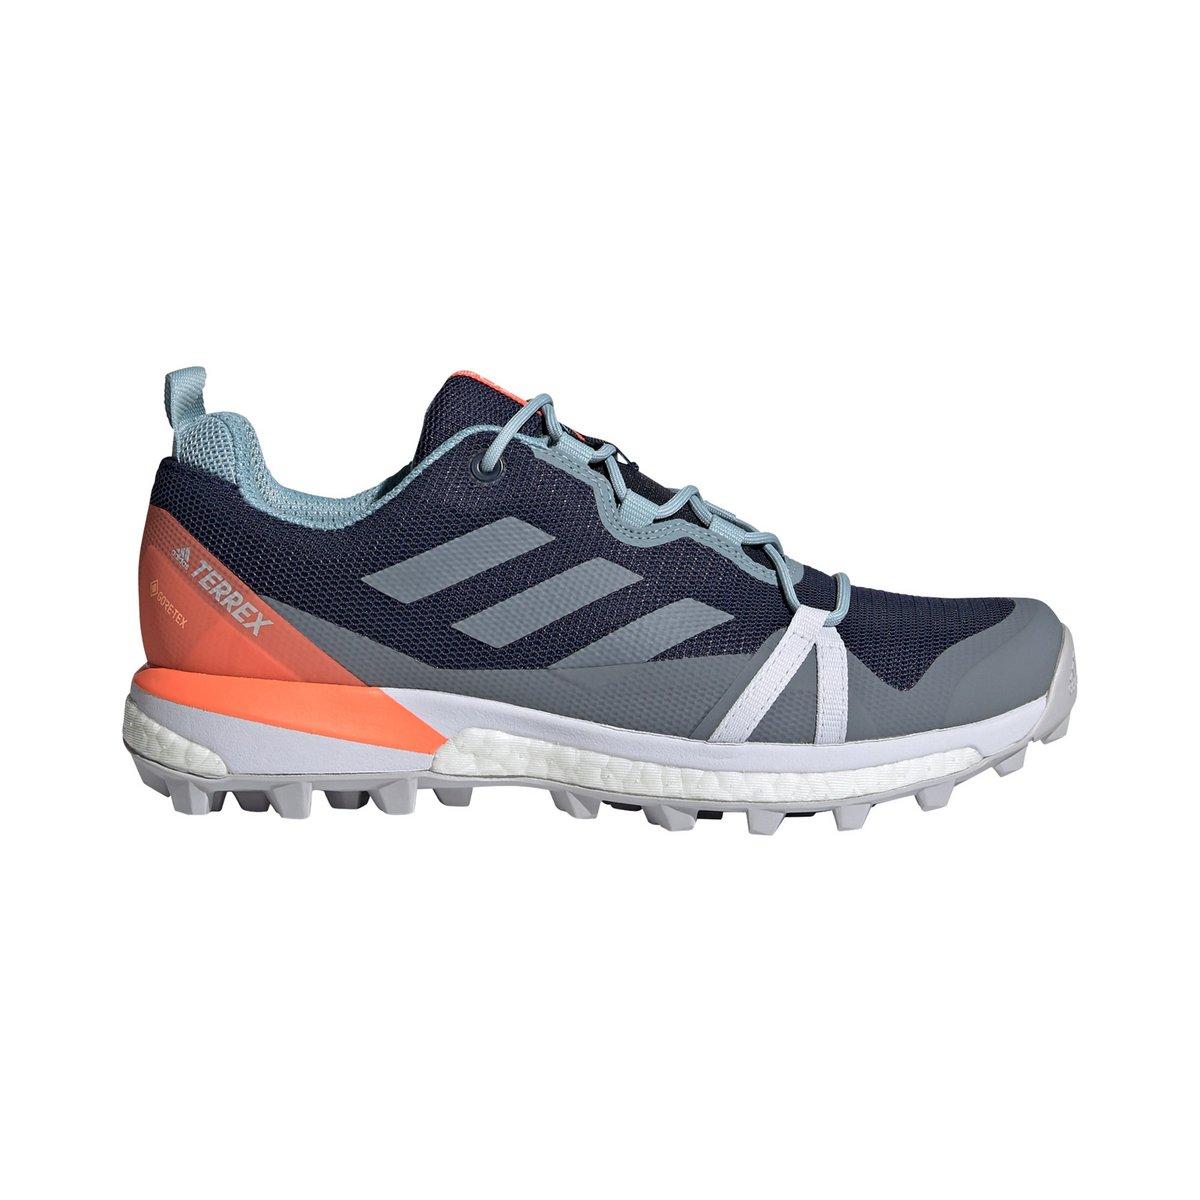 Adidas Terrex Women's Terrex Skychaser LT GORE-TEX Walking Shoes 0